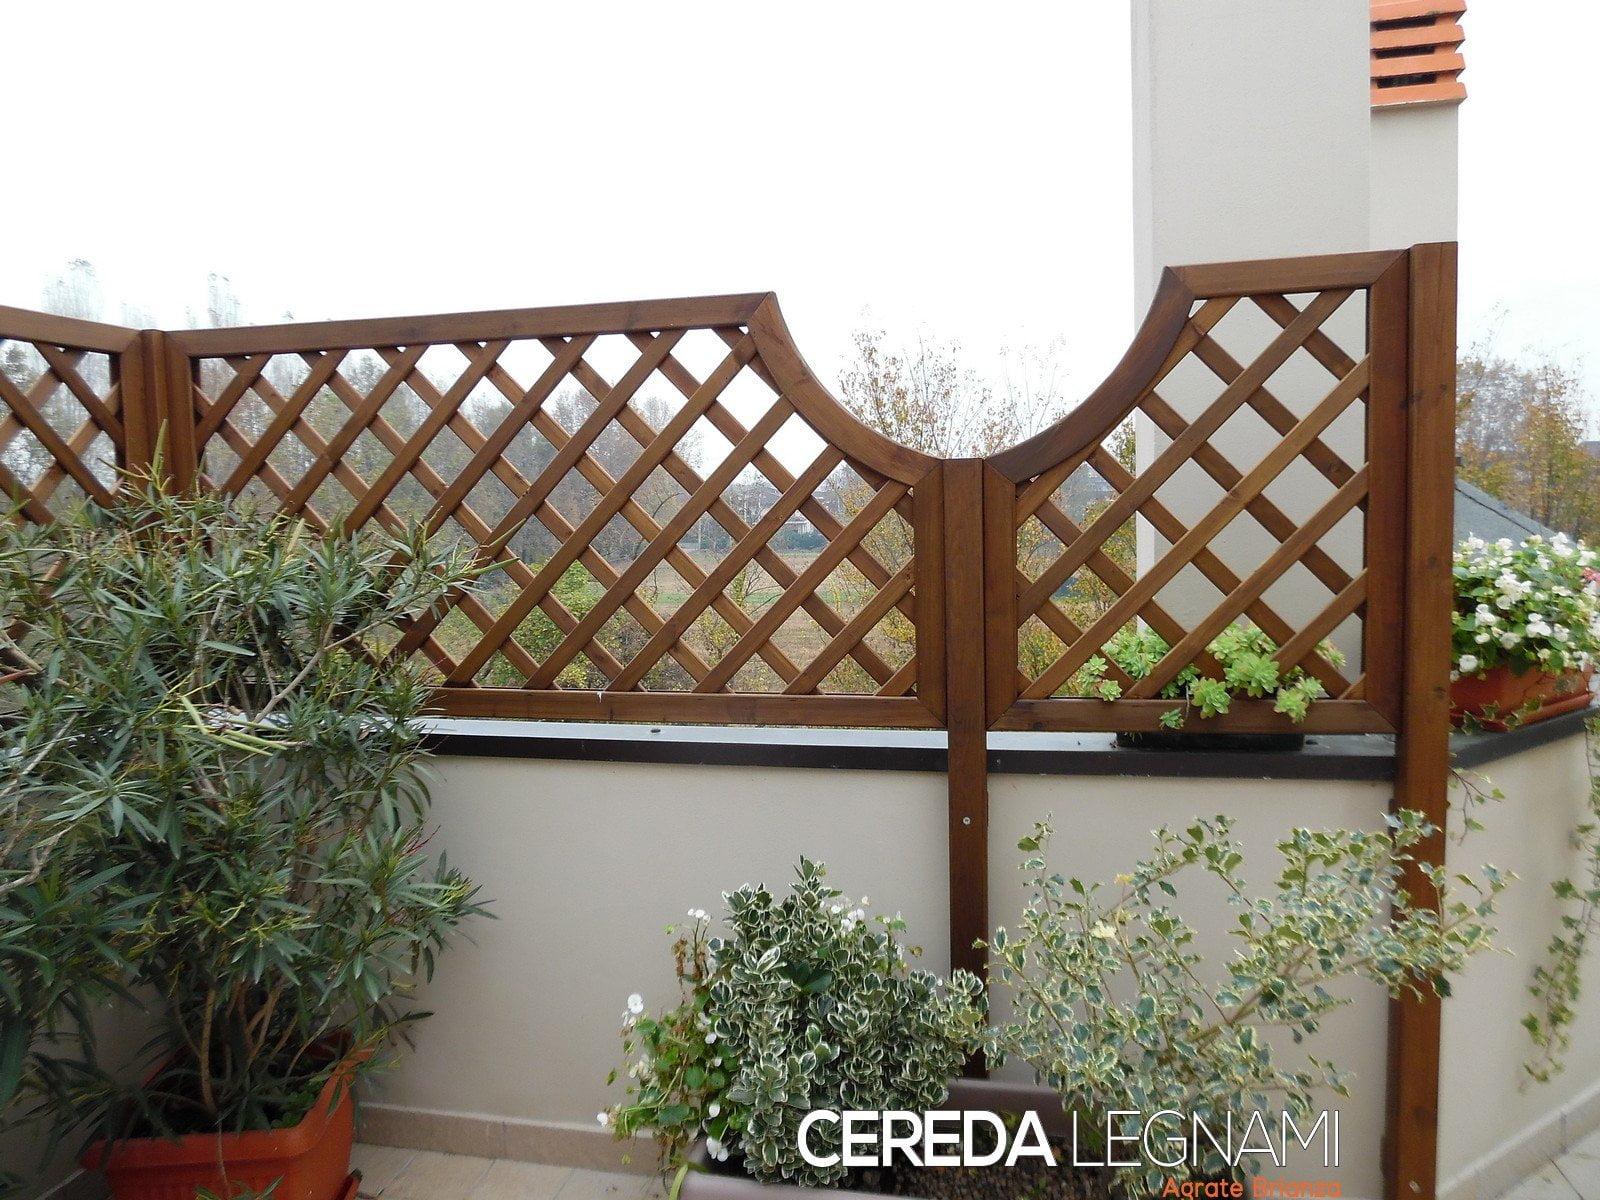 Vasi fioriere grigliati in legno00011 cereda legnami for Grate in legno per balconi